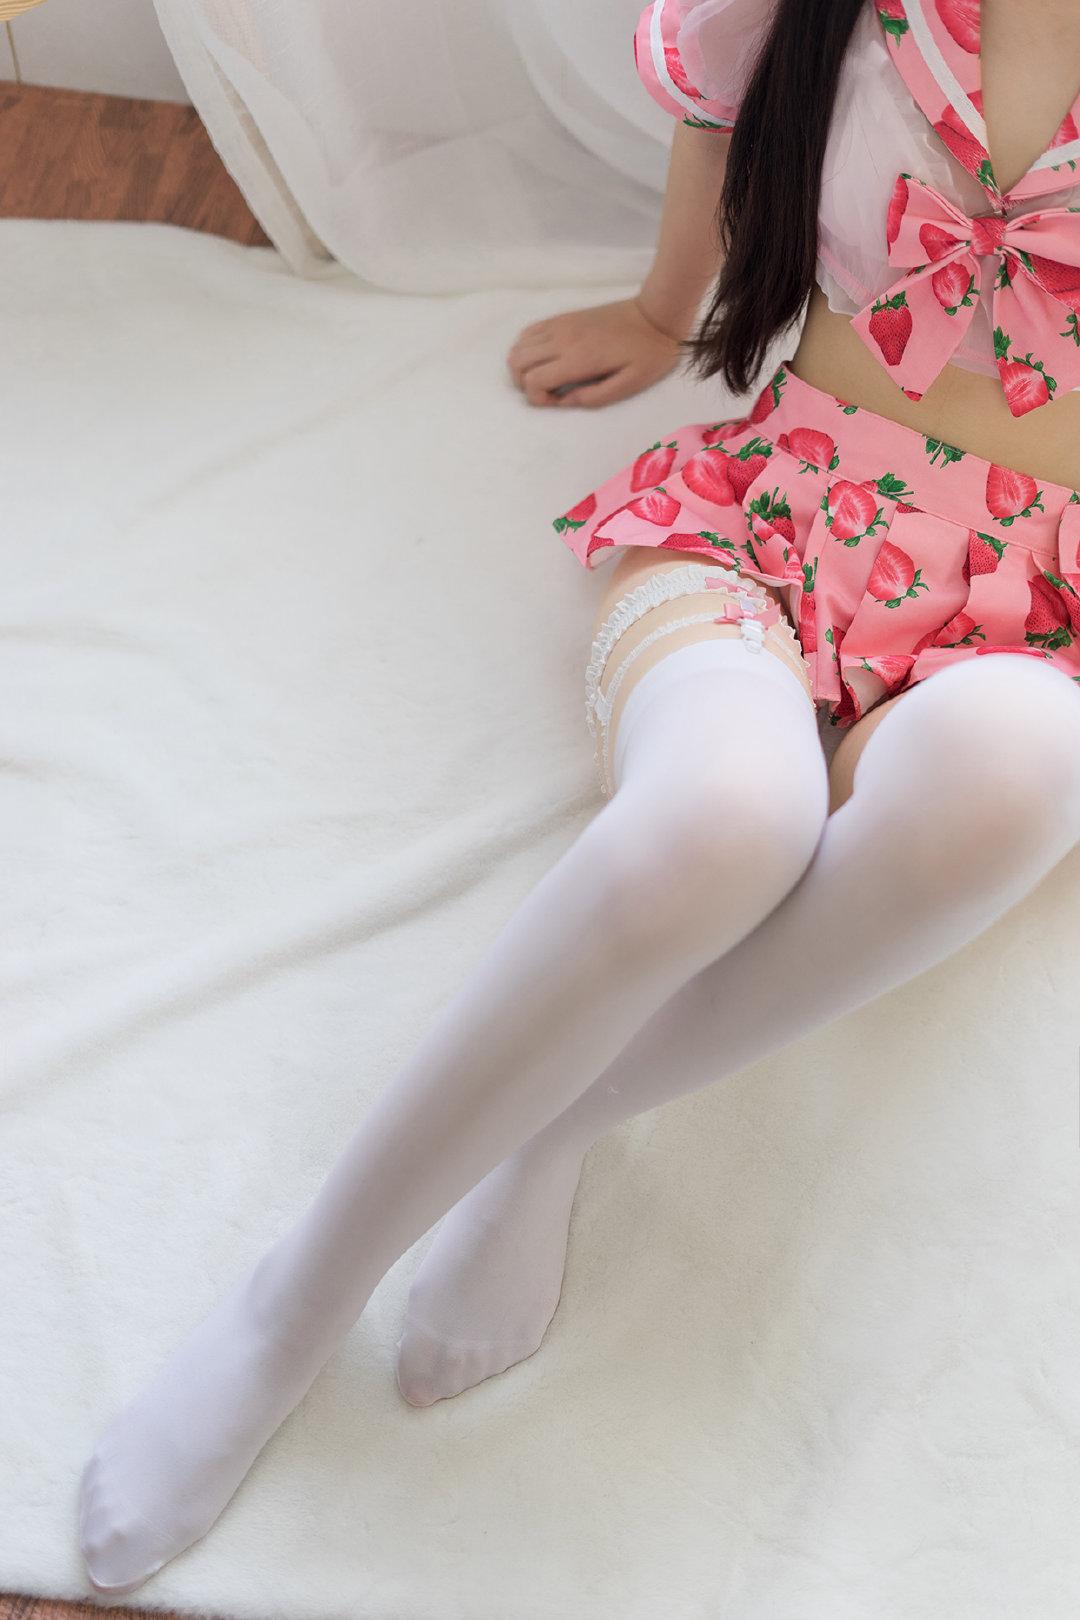 妹纸图:清纯粉色草莓下的白丝